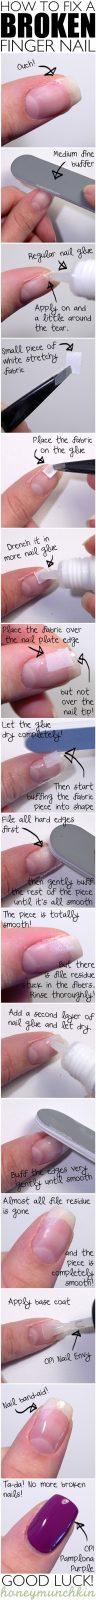 DIY Beauty Ideen - gebrochenen Nagel reparieren